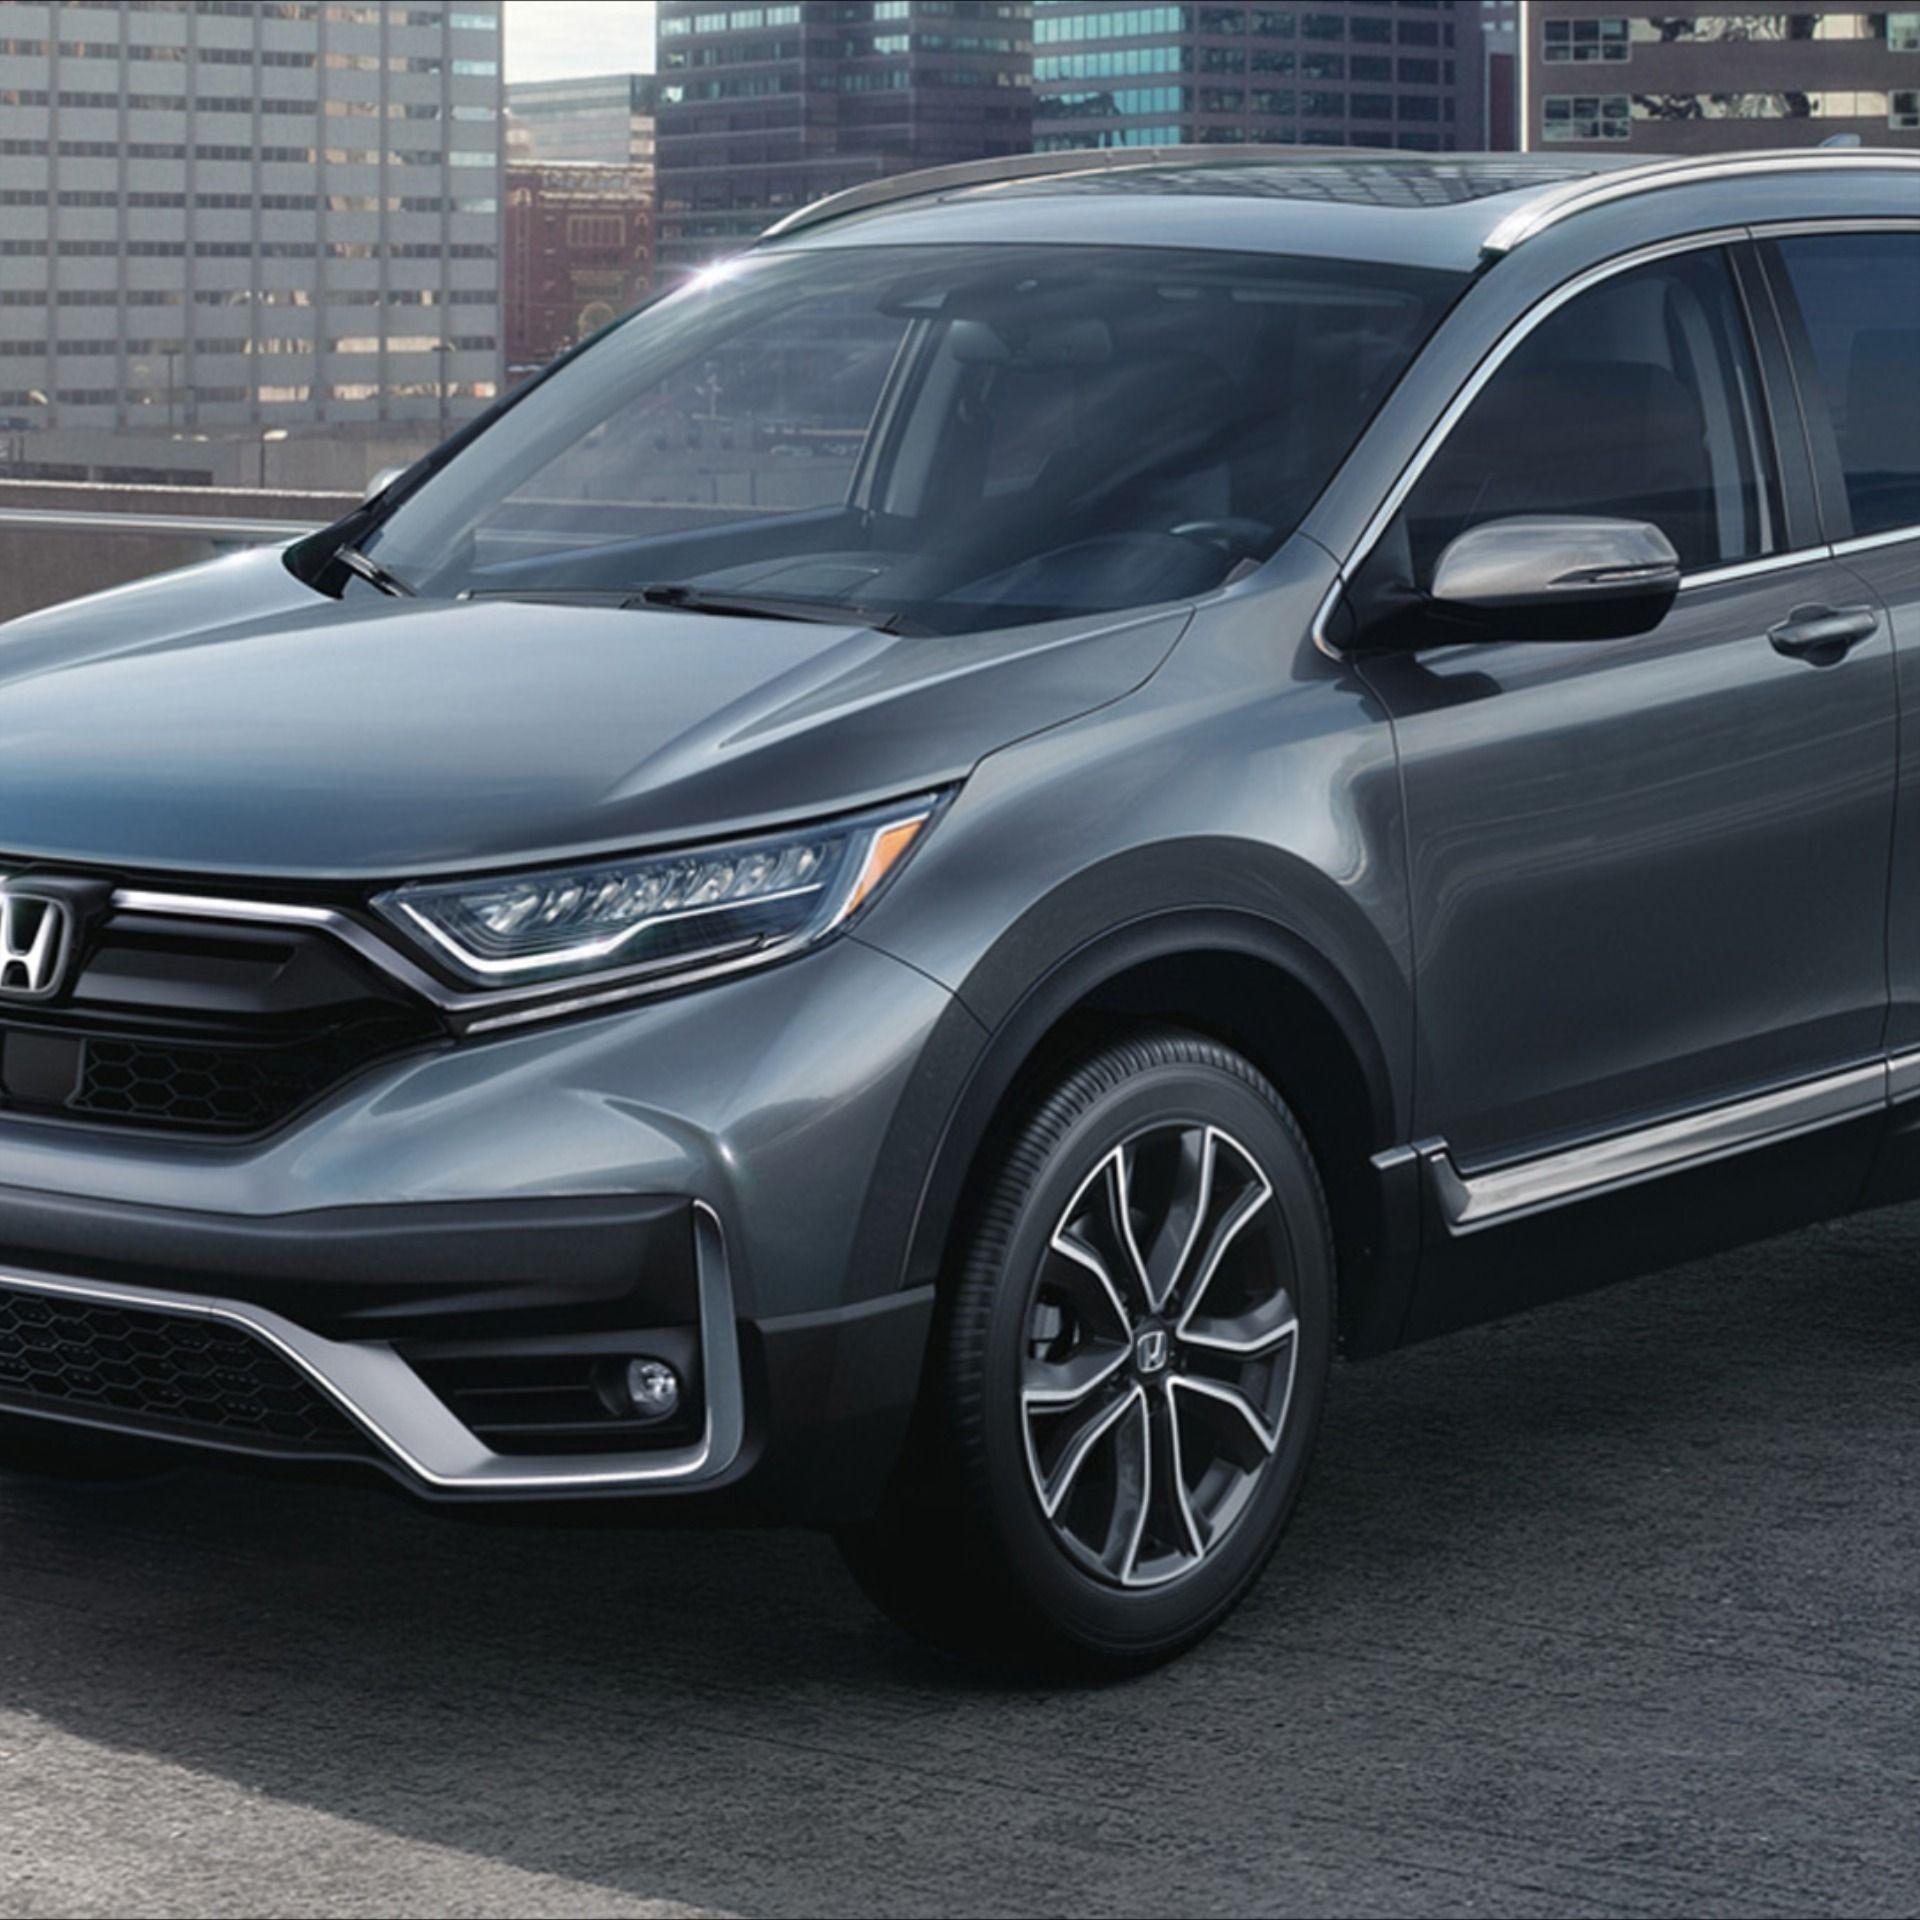 2020 Honda CRV в 2020 г Мотоцикл